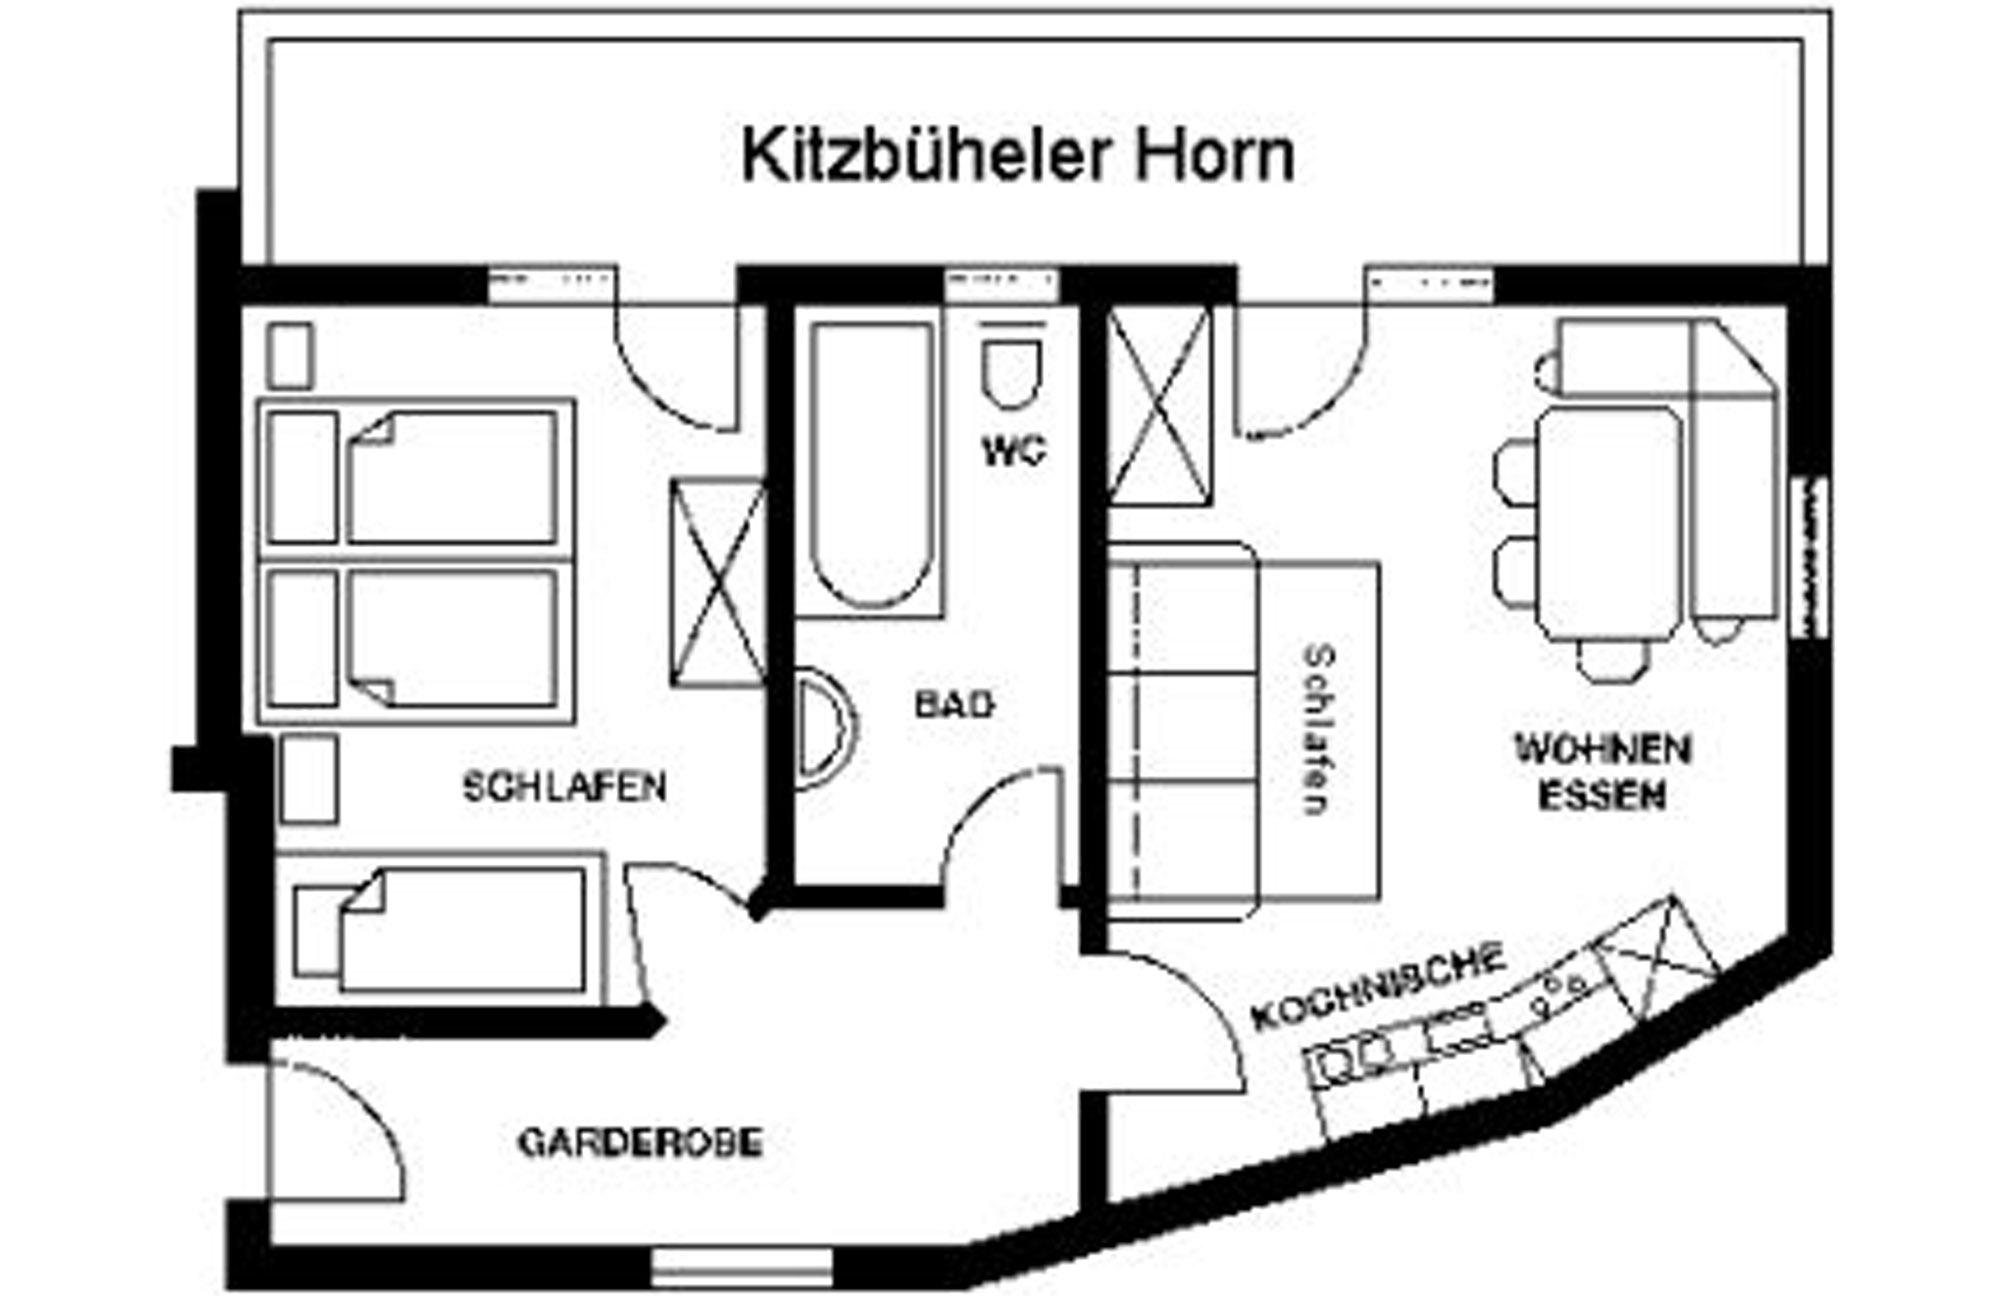 Familienfreundliche Ferienwohnung am Kitzbüheler Horn mit Panoramablick direkt an der Skipiste 5